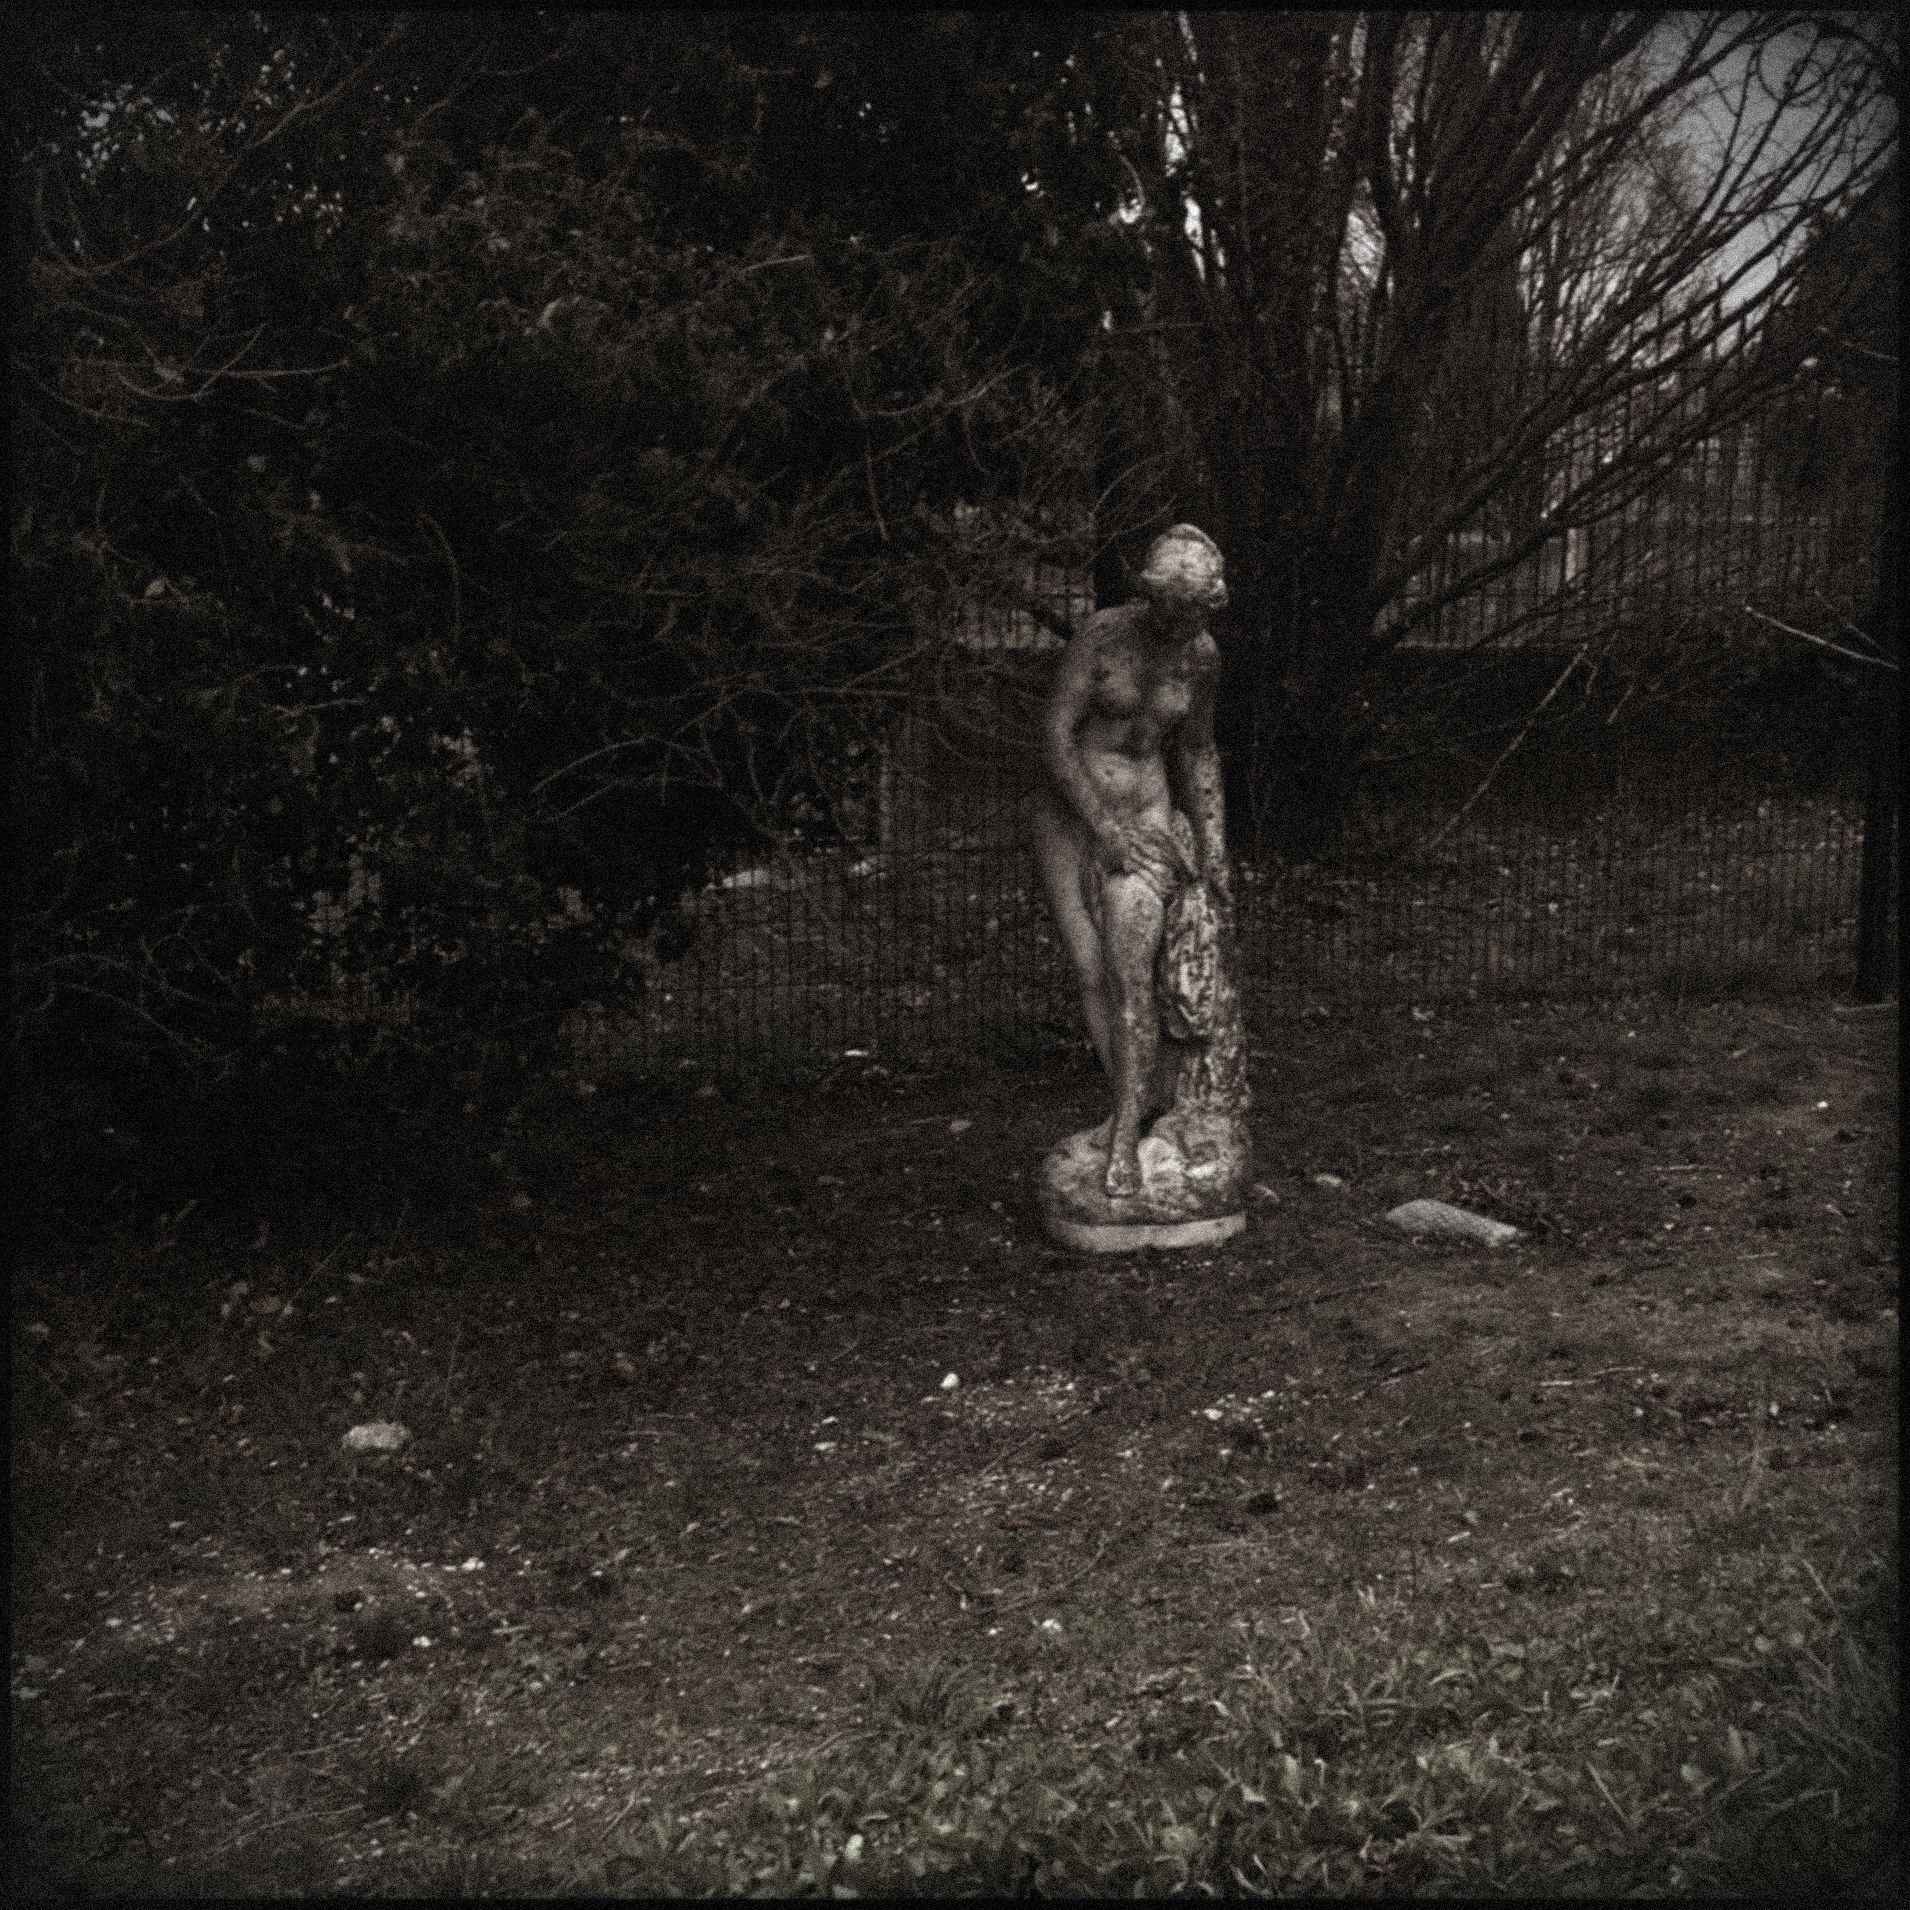 [Image du Jour] Le fantôme du parc